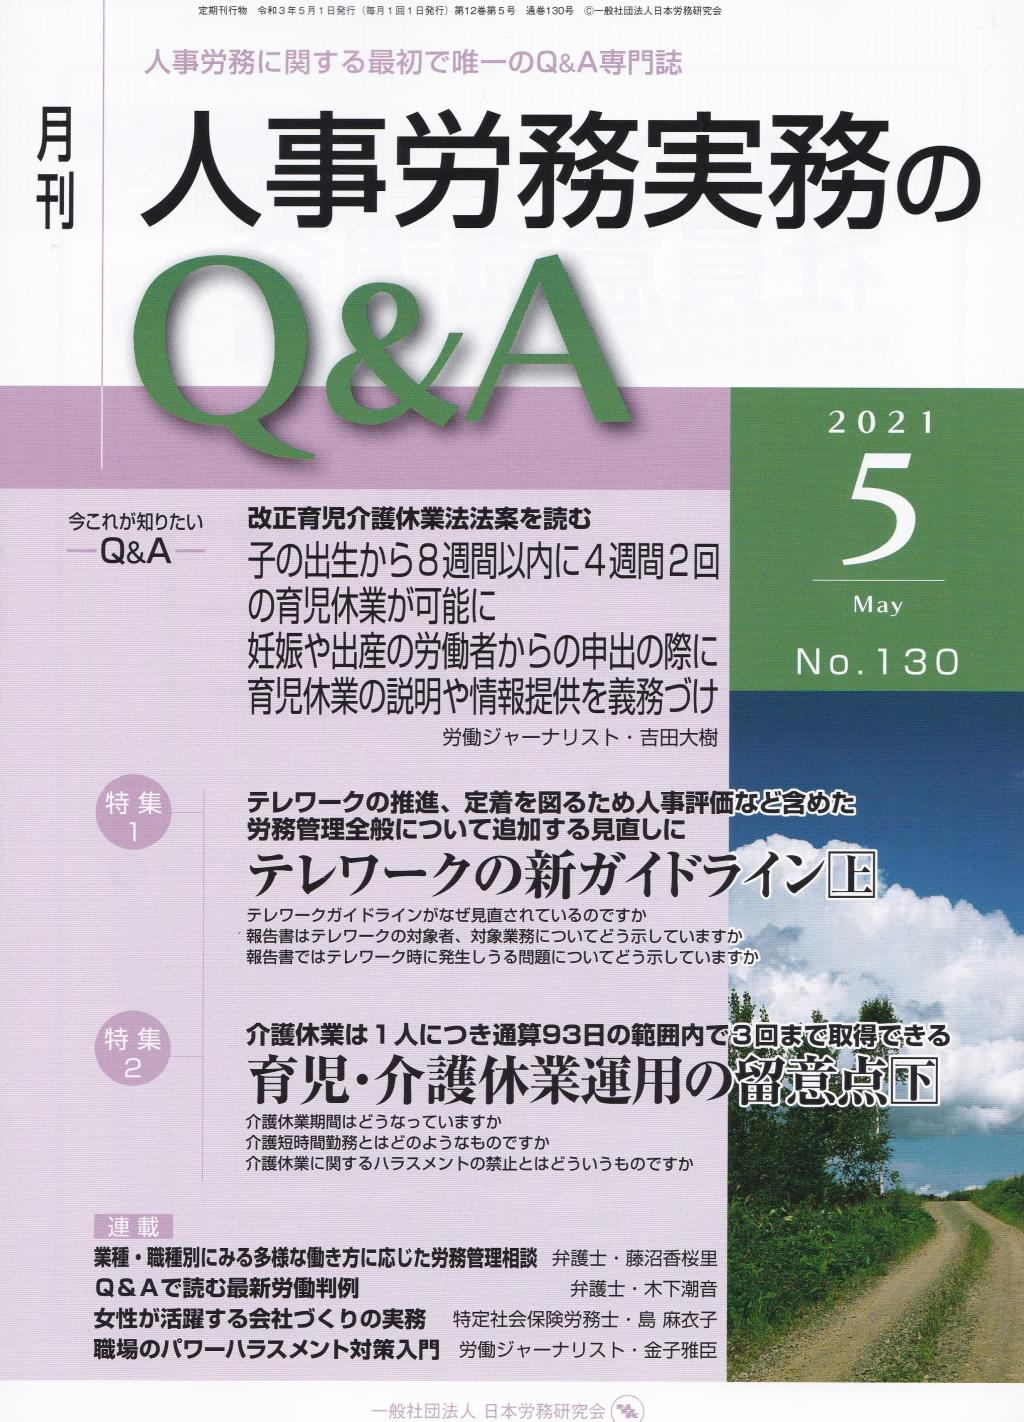 月刊 人事労務実務のQ&A 2021年5月号 No.130